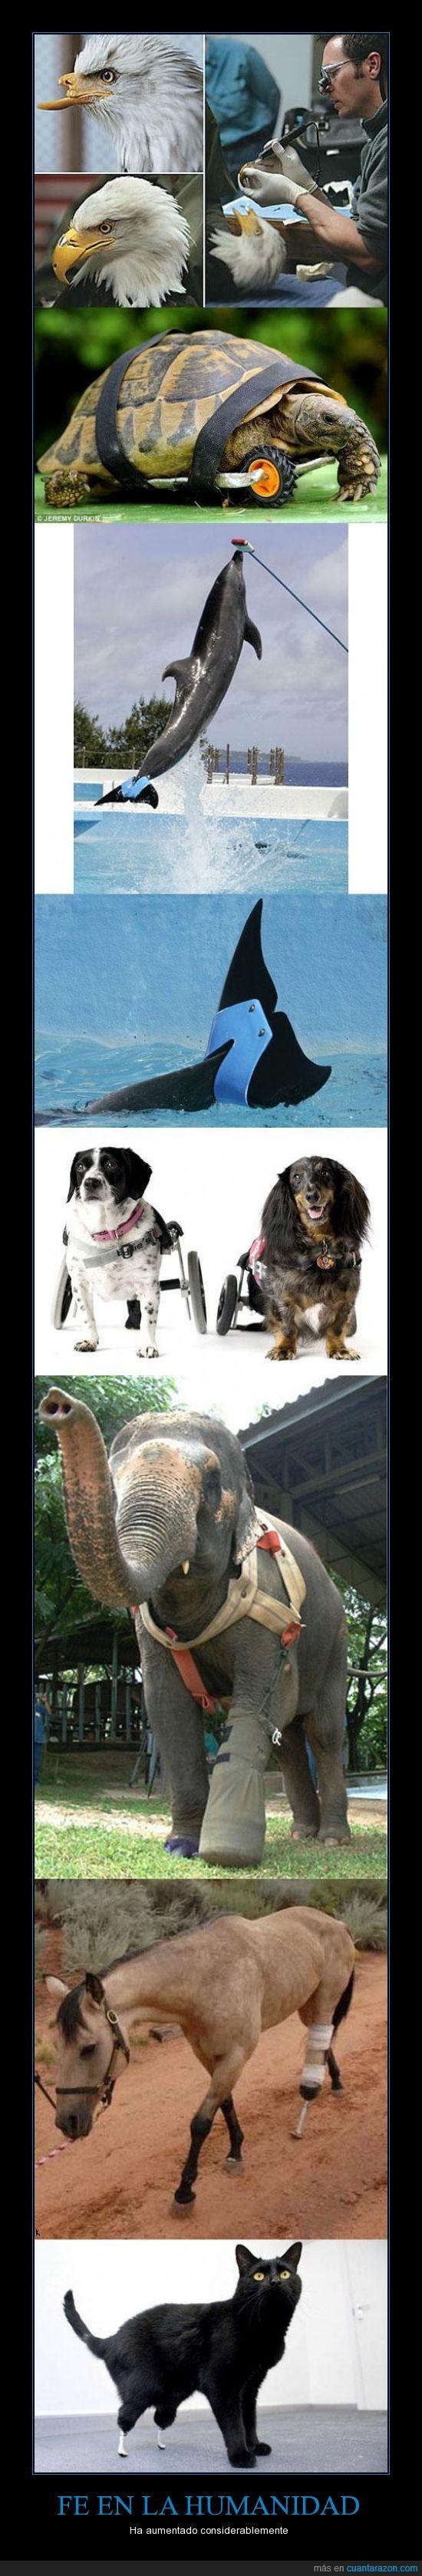 animales,aumentar,ayudar,discapacitados,elefante,fe,gato,hombre,humanidad,pata,protesis